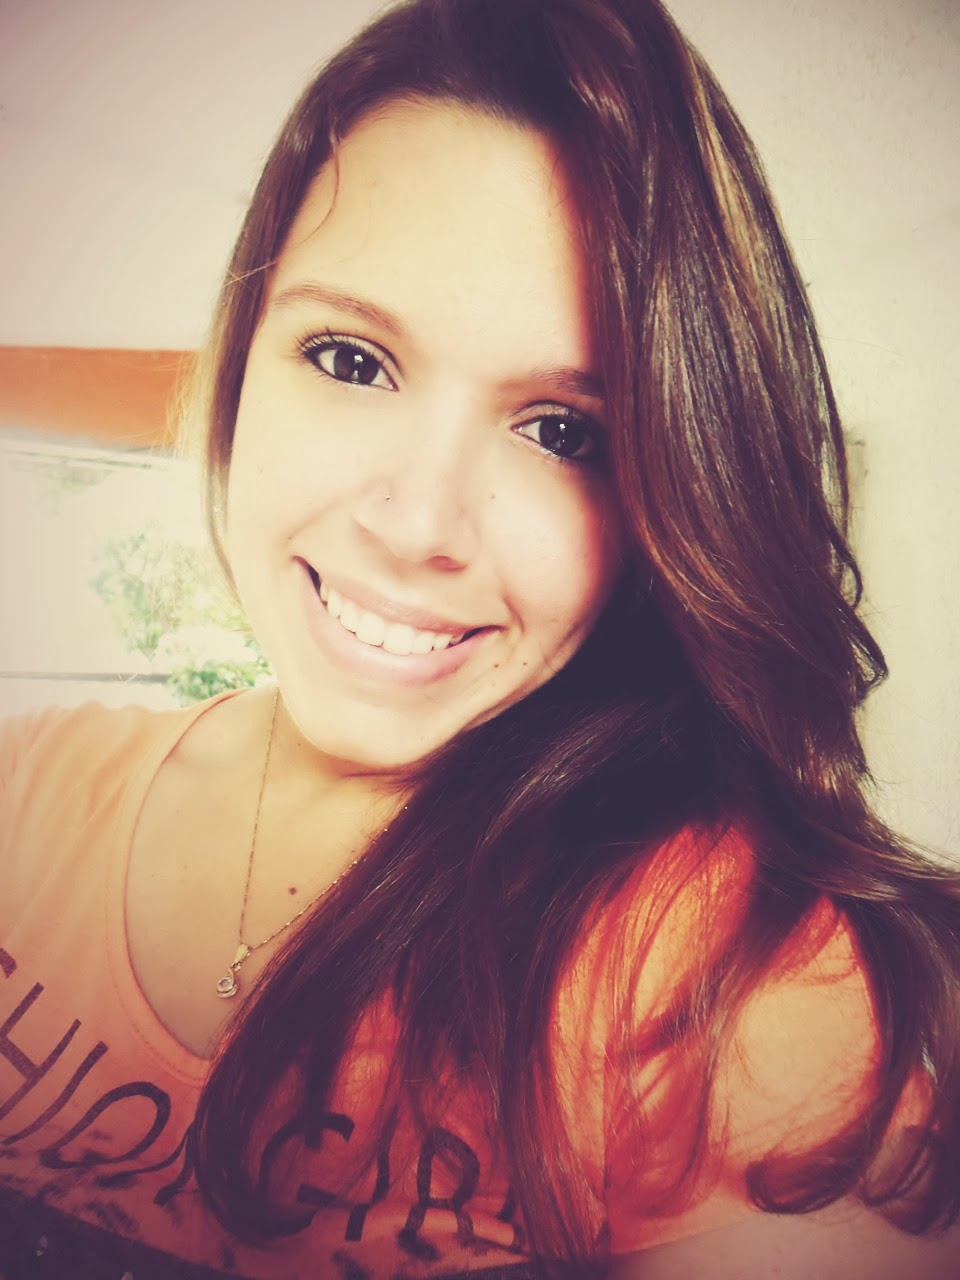 - diga olá ♥